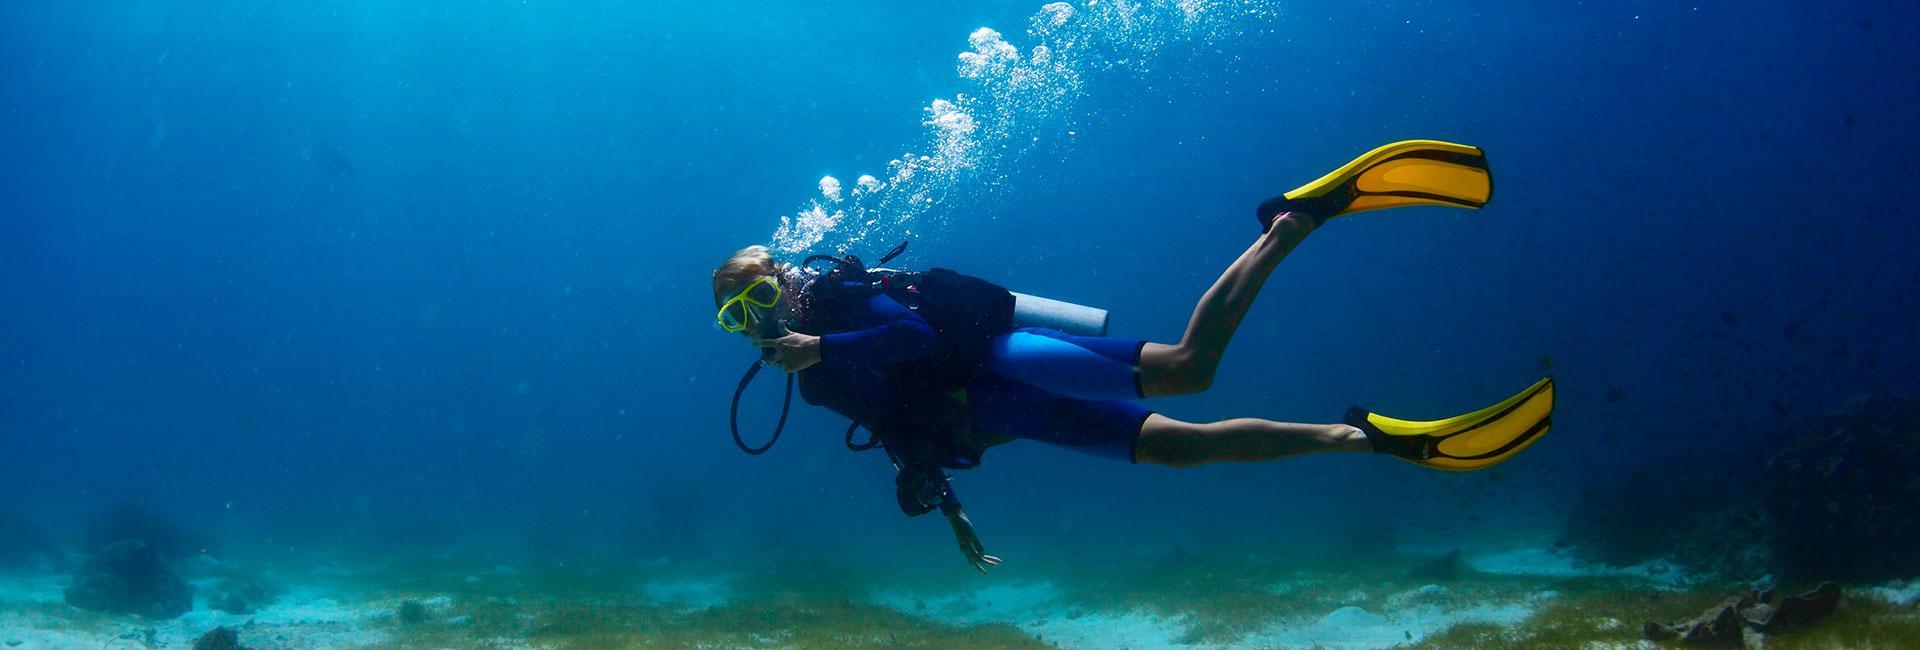 plongée sous marine dans la baie de Pinarello en Corse